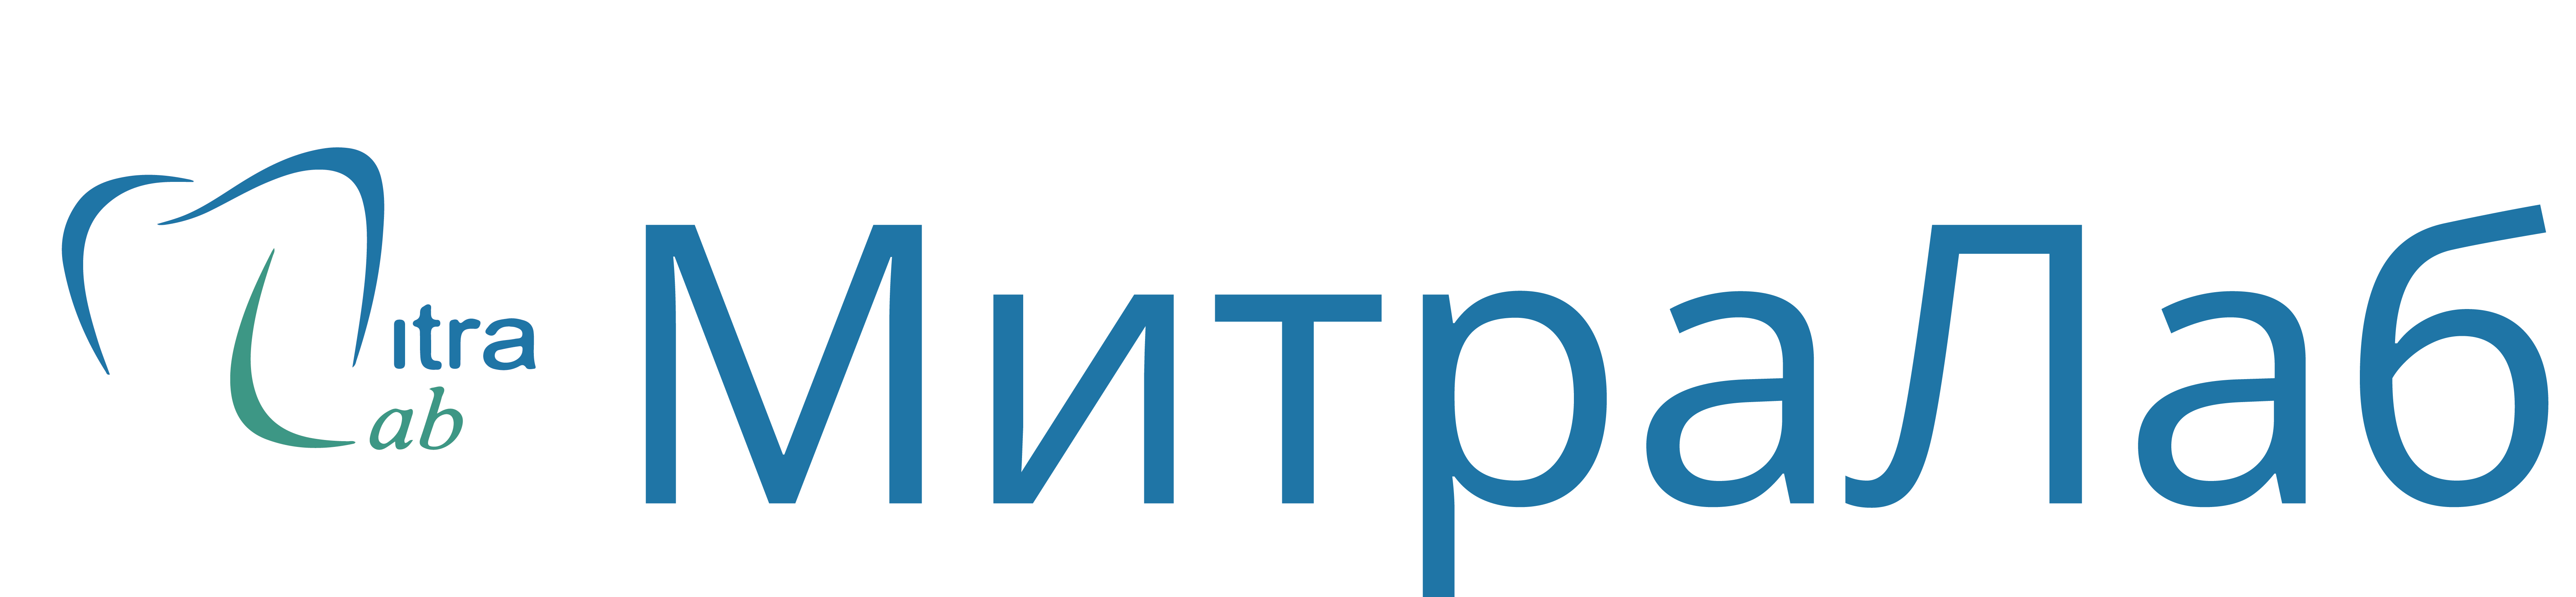 logograph-06